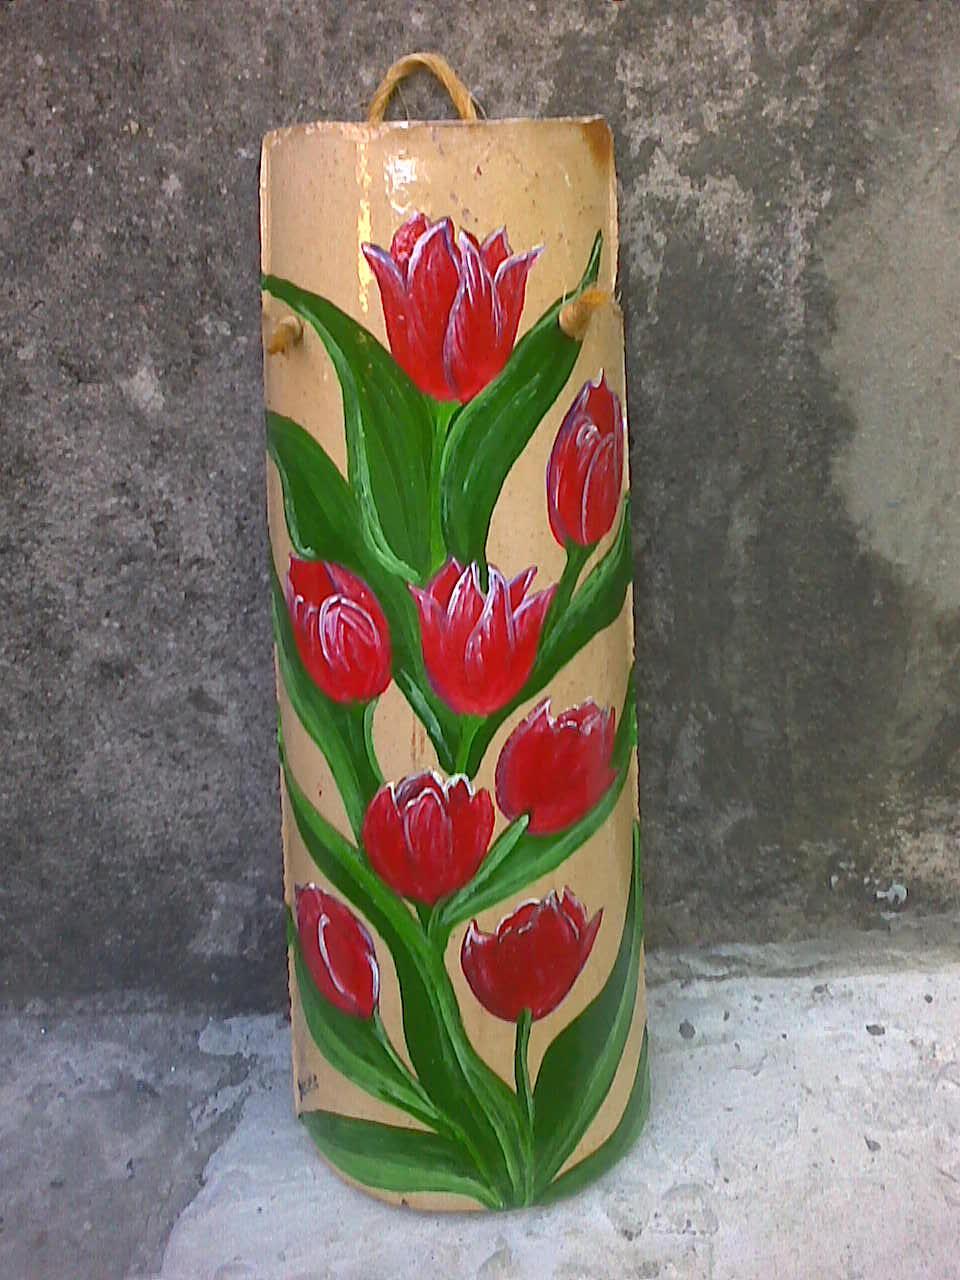 Adesivo Clareador De Dente ~ Loja de Artesanato em Telhas Pinturas Artesanais florais